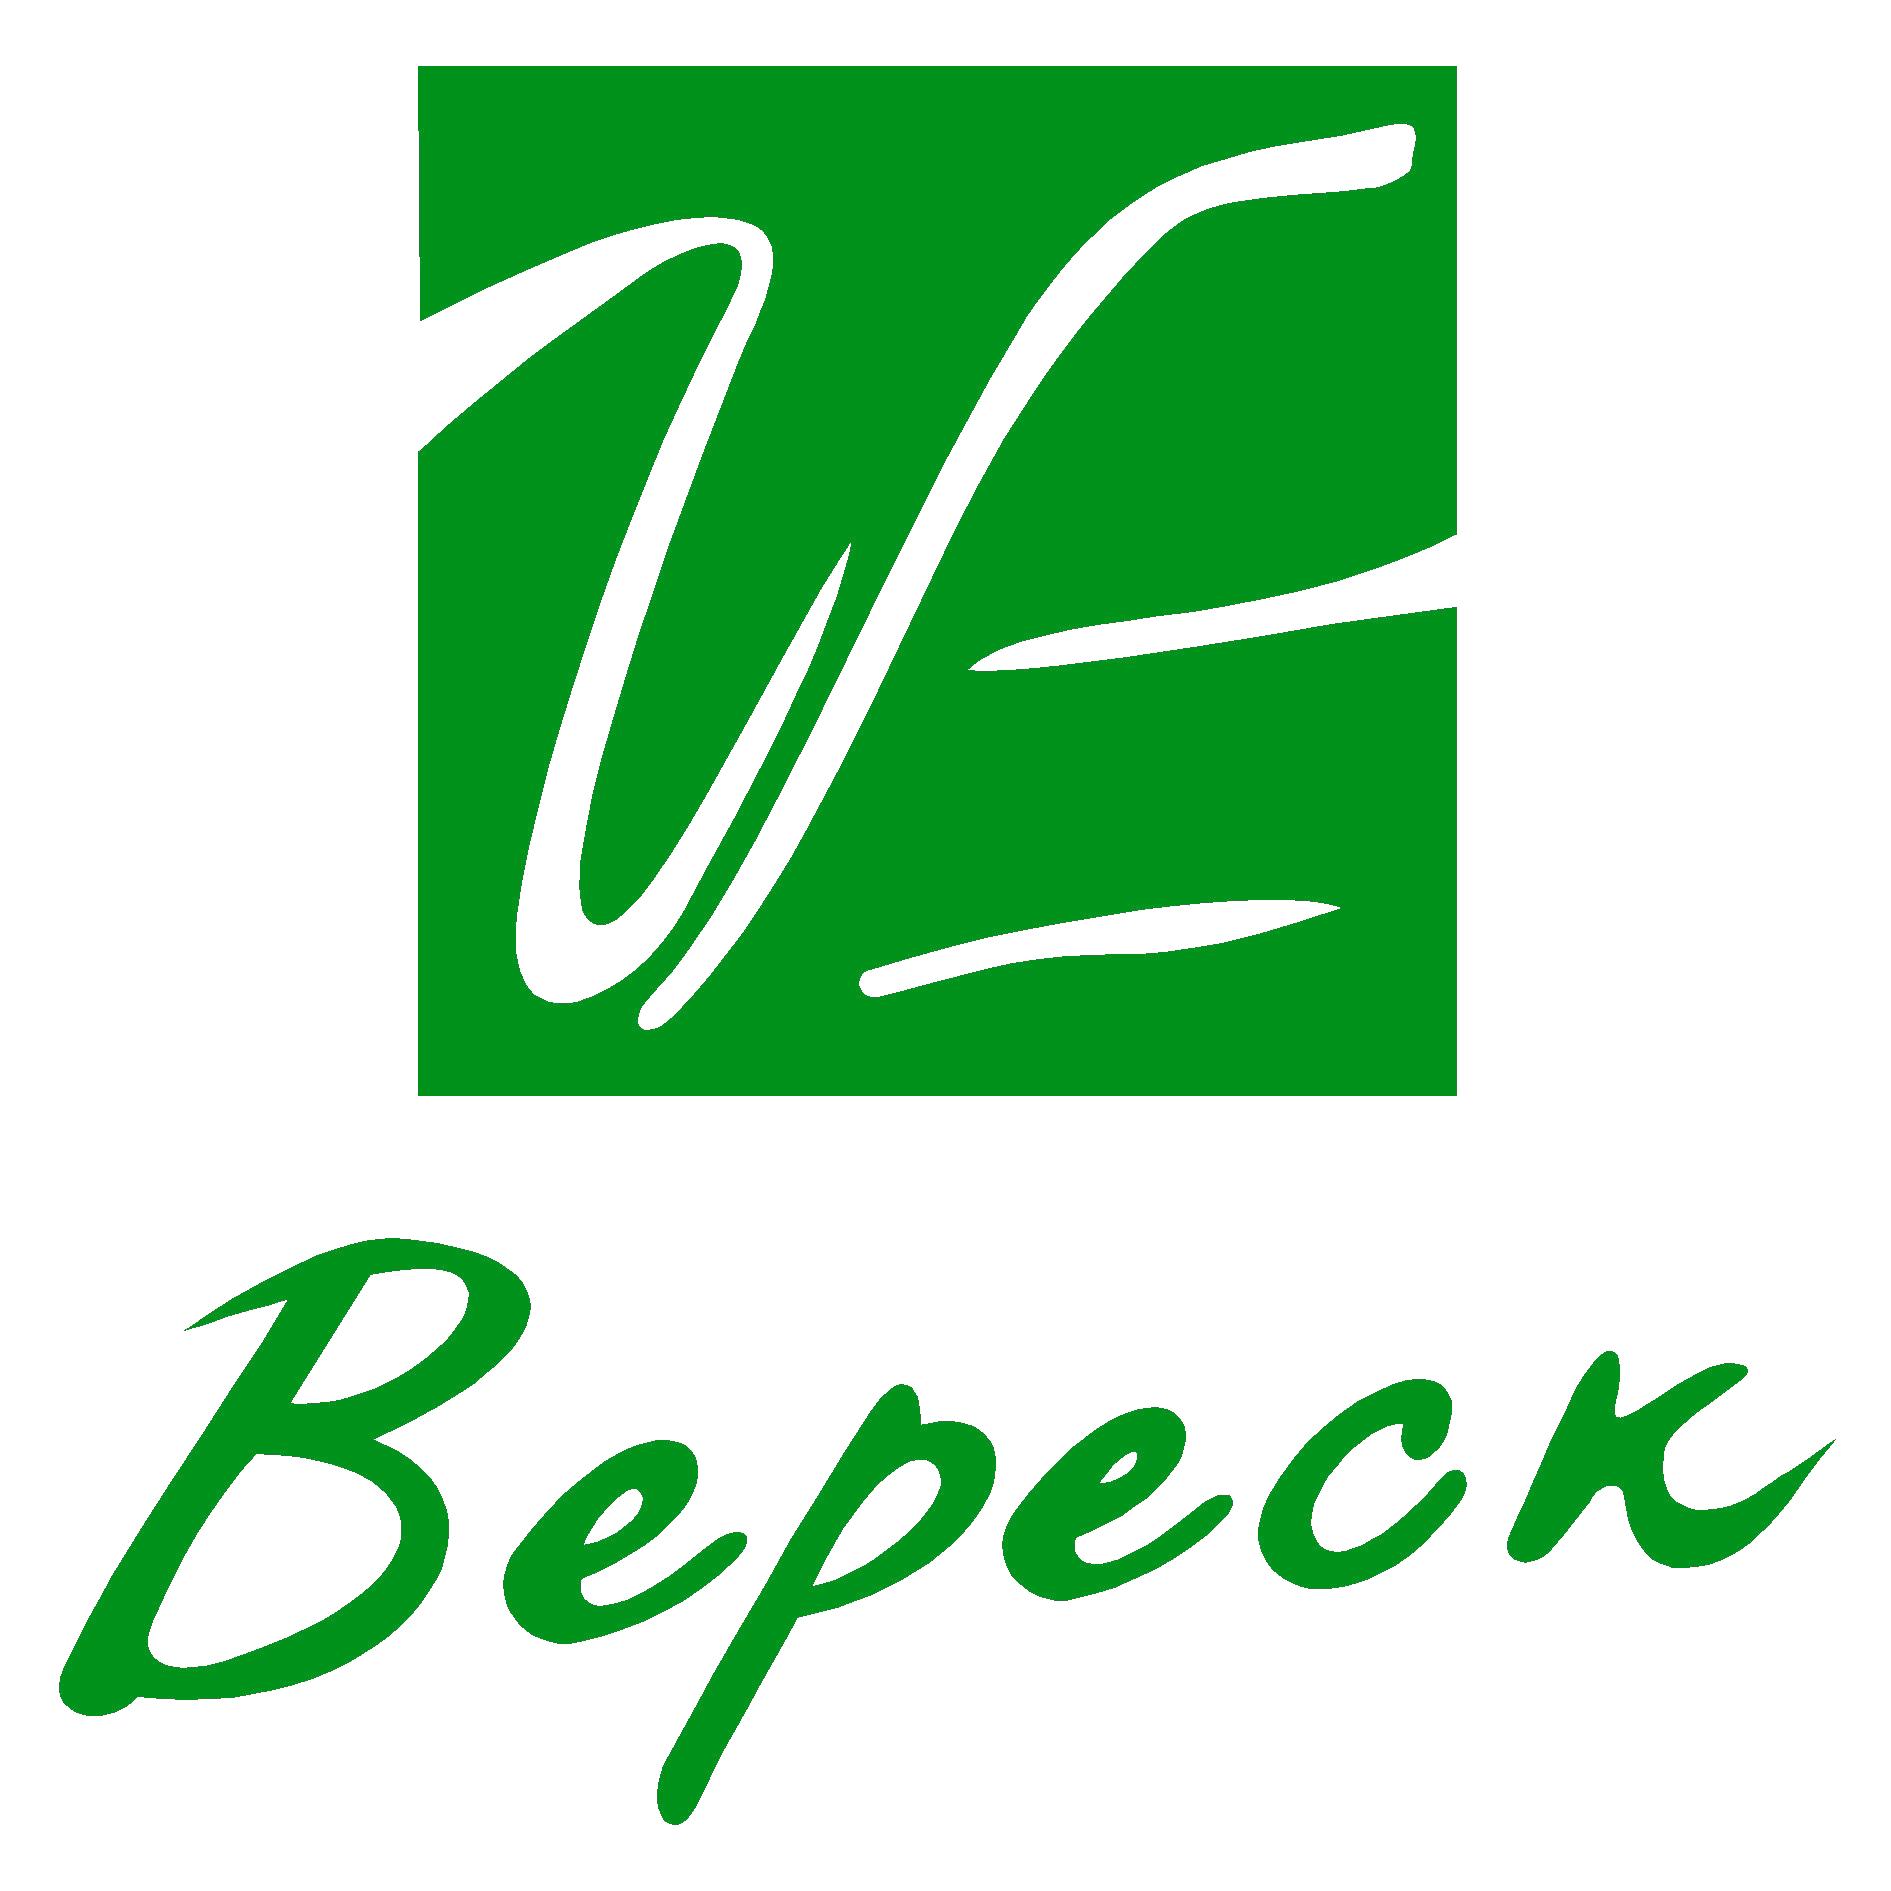 Застройщик Вереск